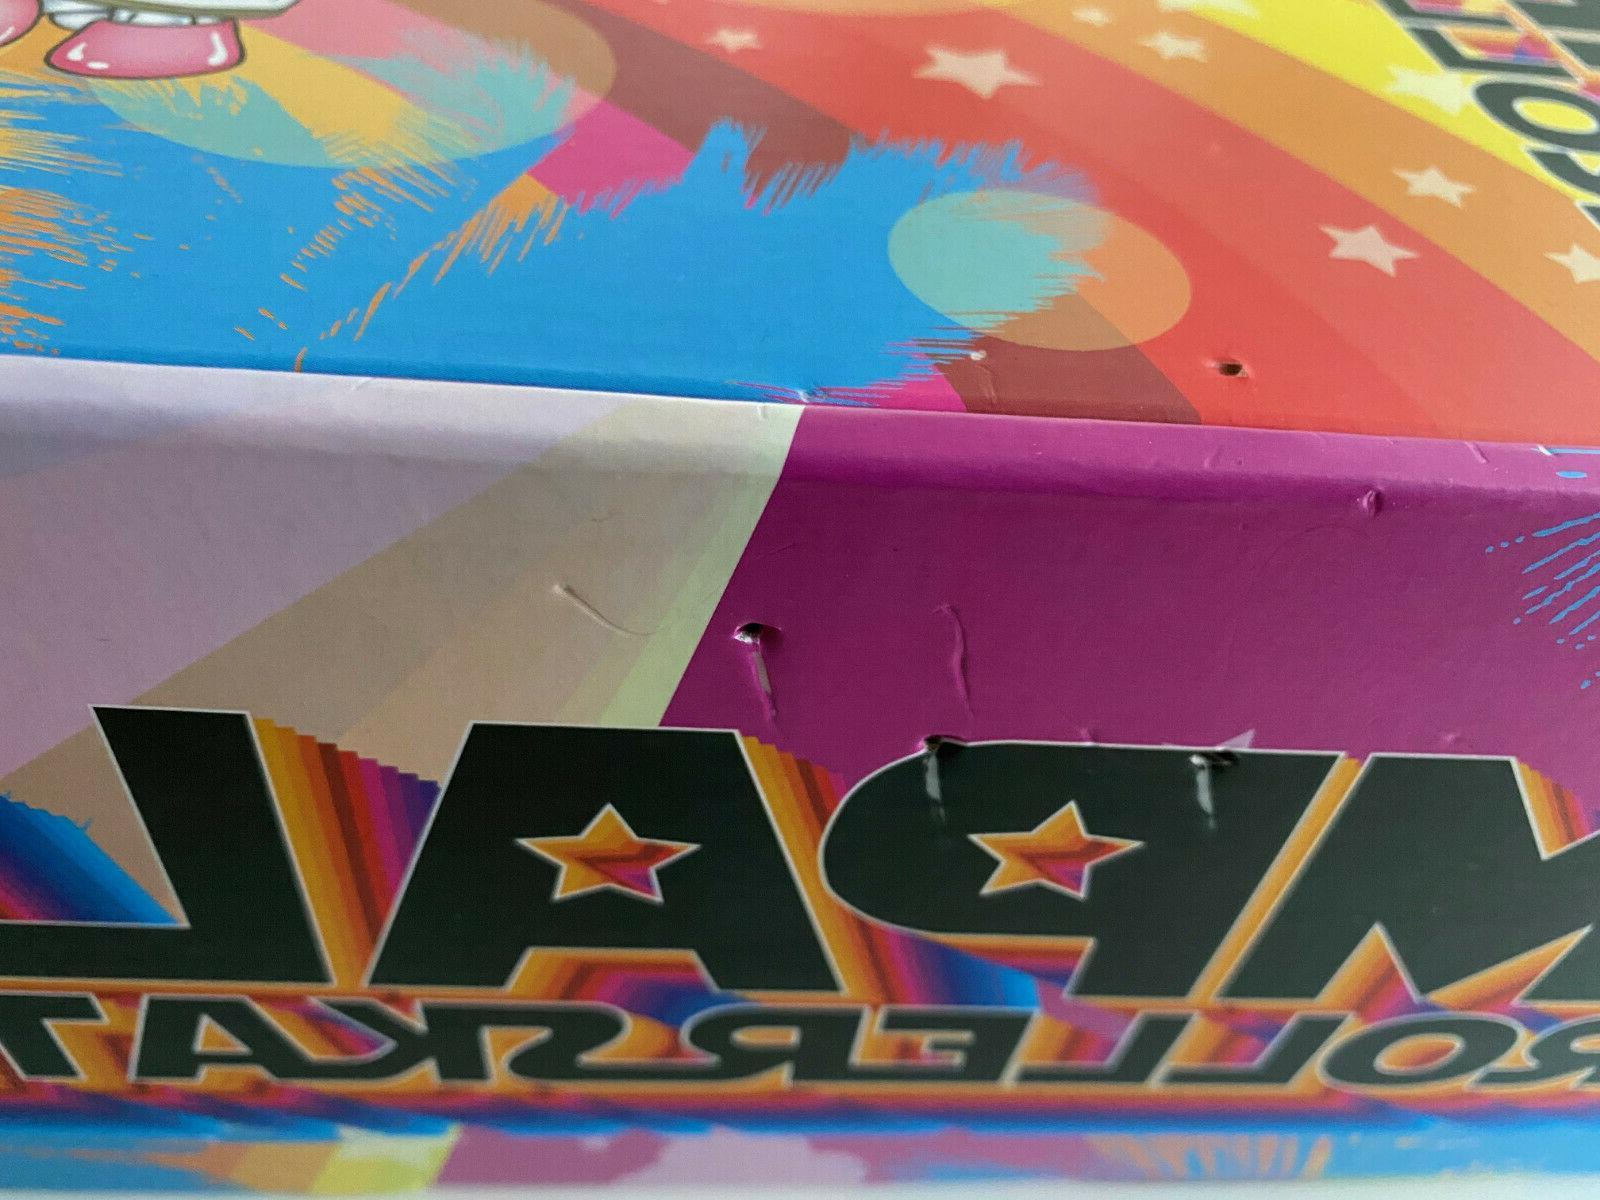 Impala Quad Roller Skates - - Size 6 US FREE SHIPPING!